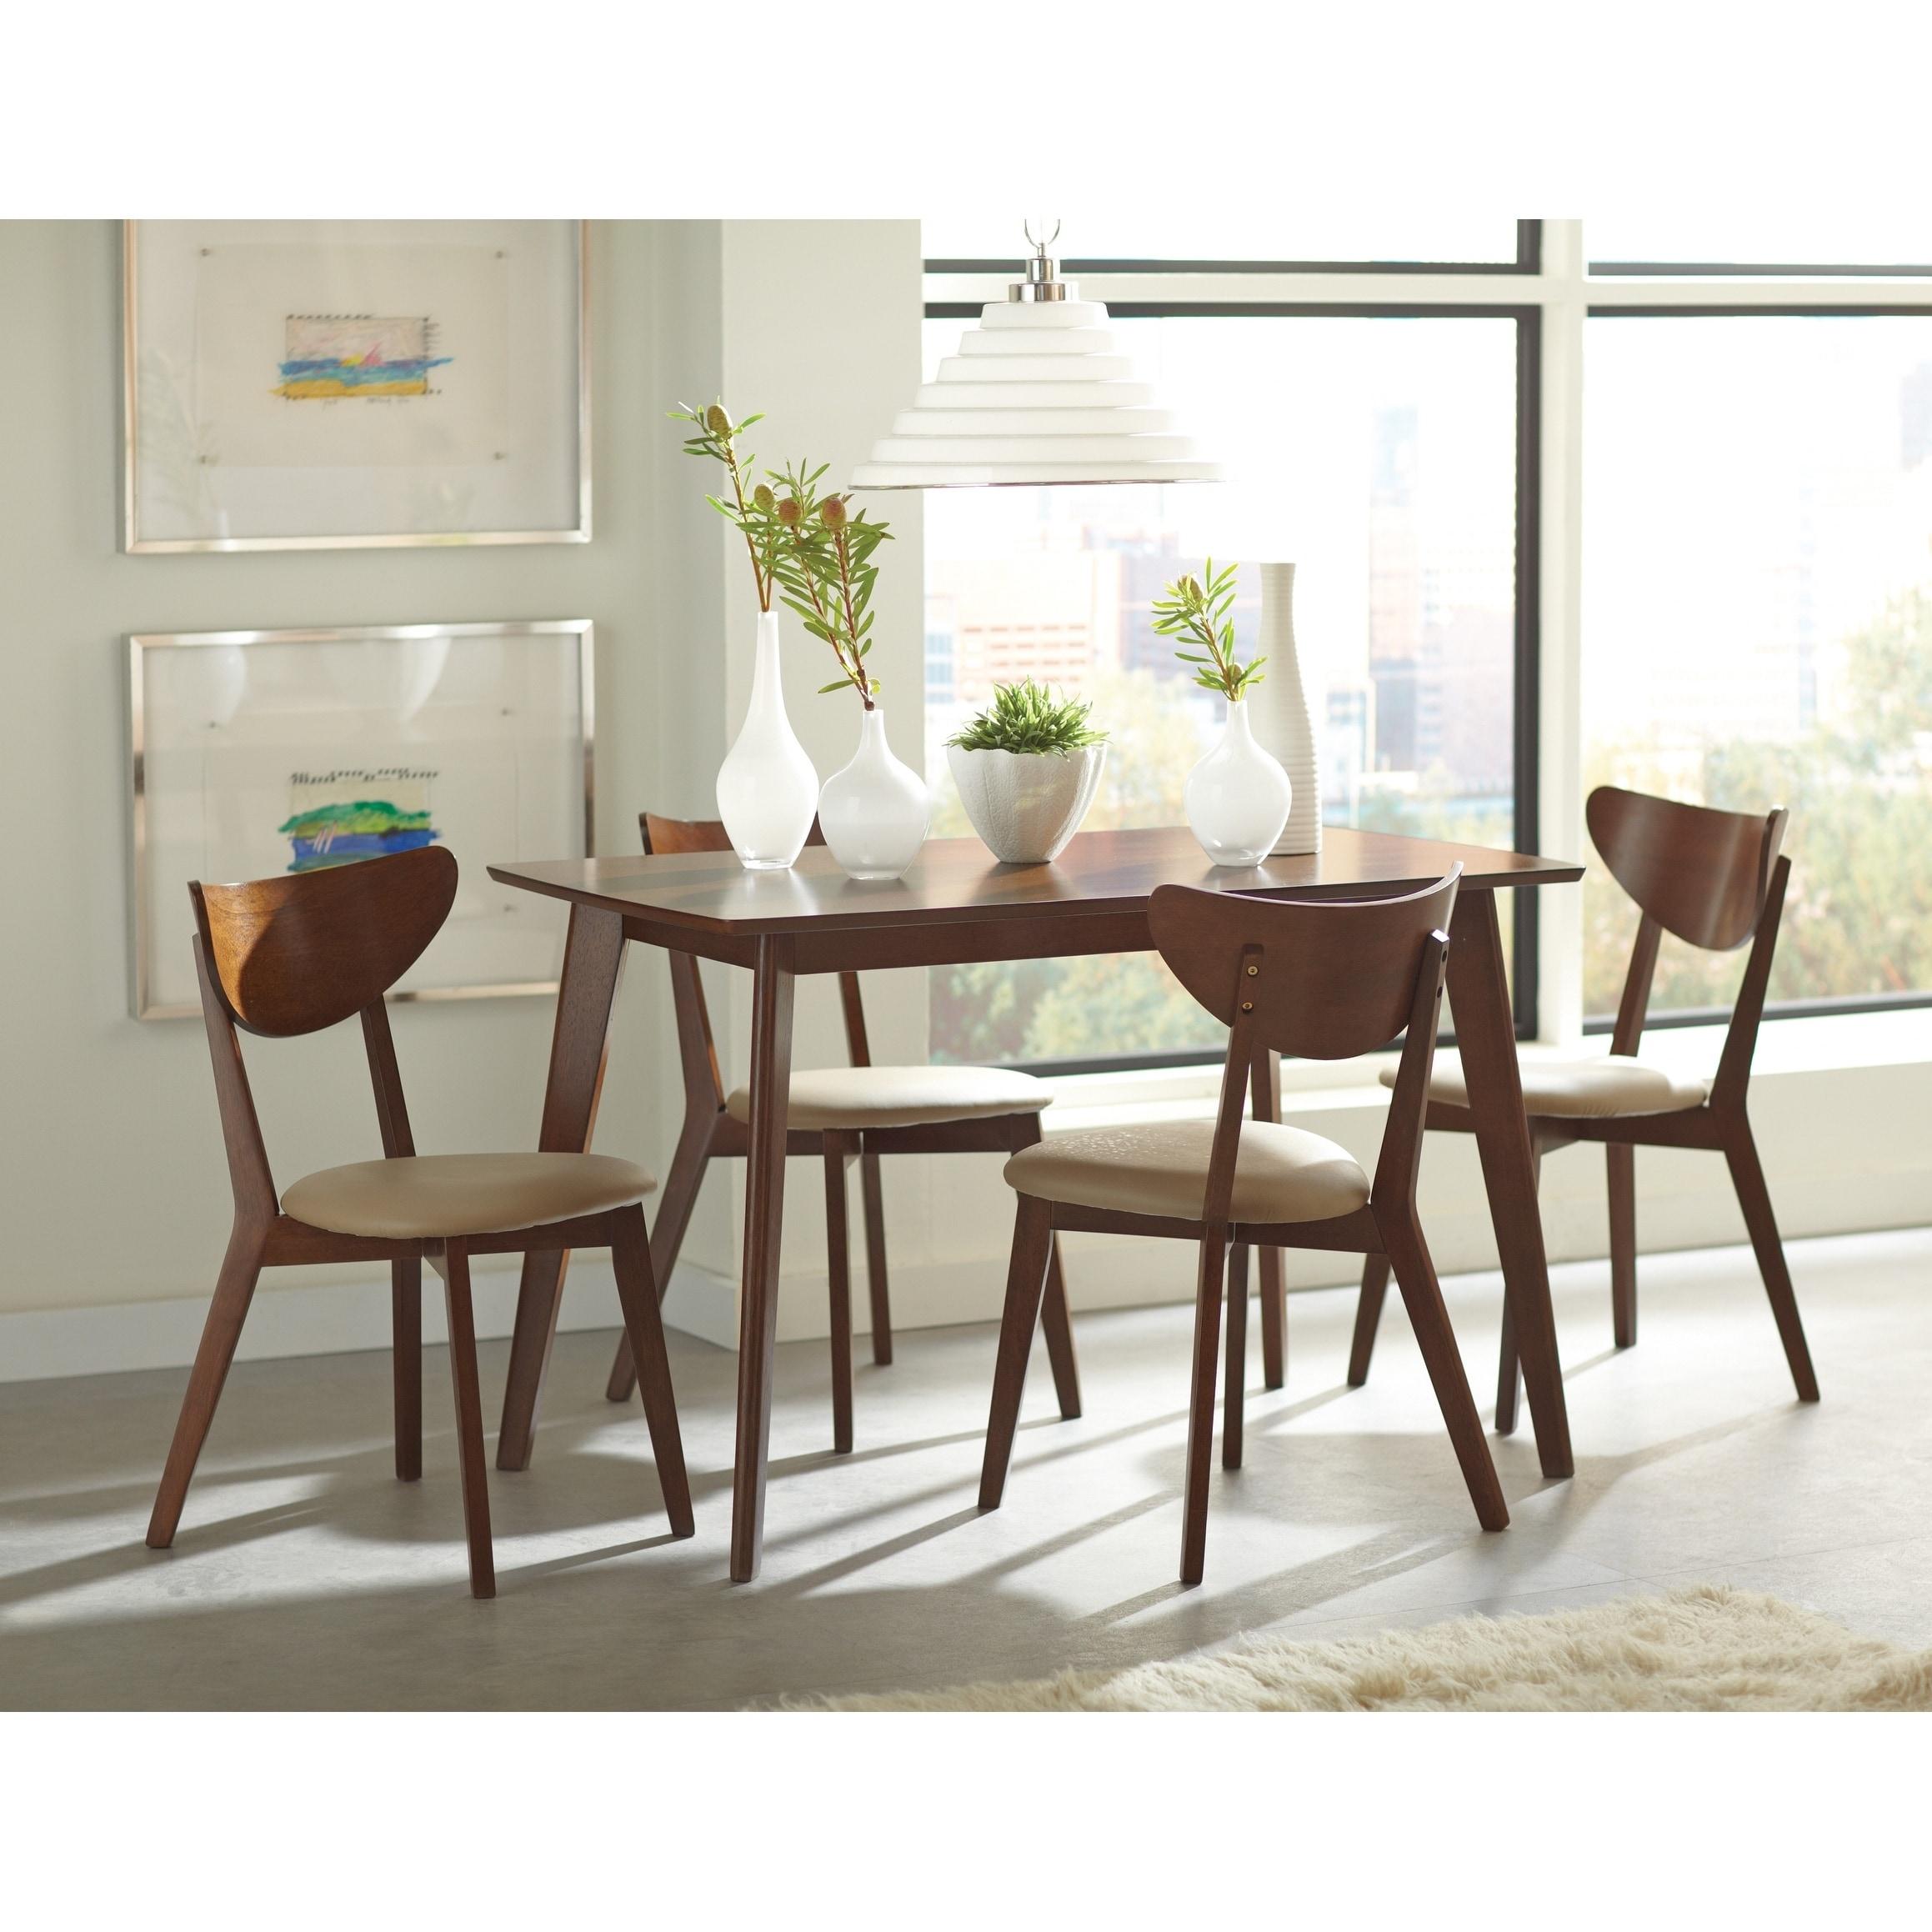 Morlins Retro Chestnut Dining Table